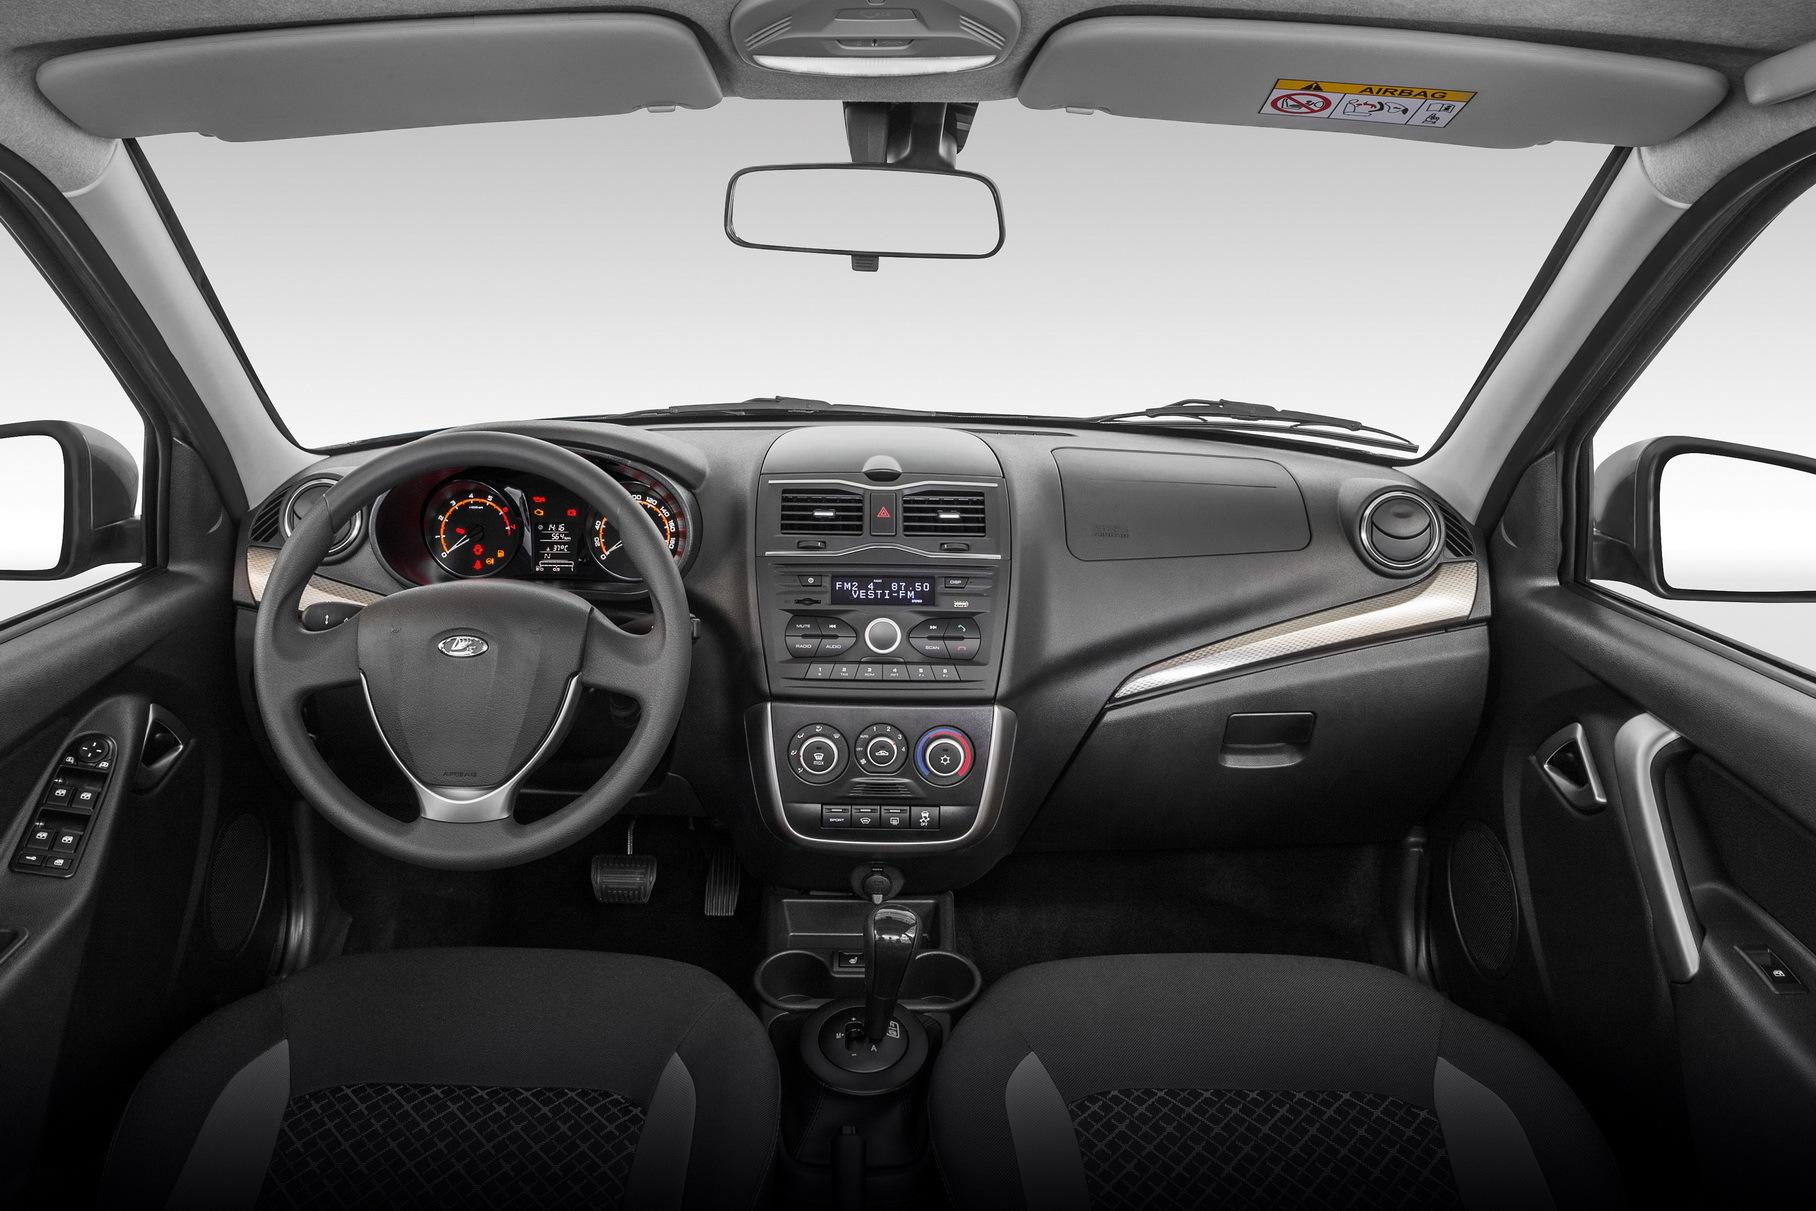 АвтоВАЗ лишил седаны и лифтбеки Lada Granta версий с «роботом»